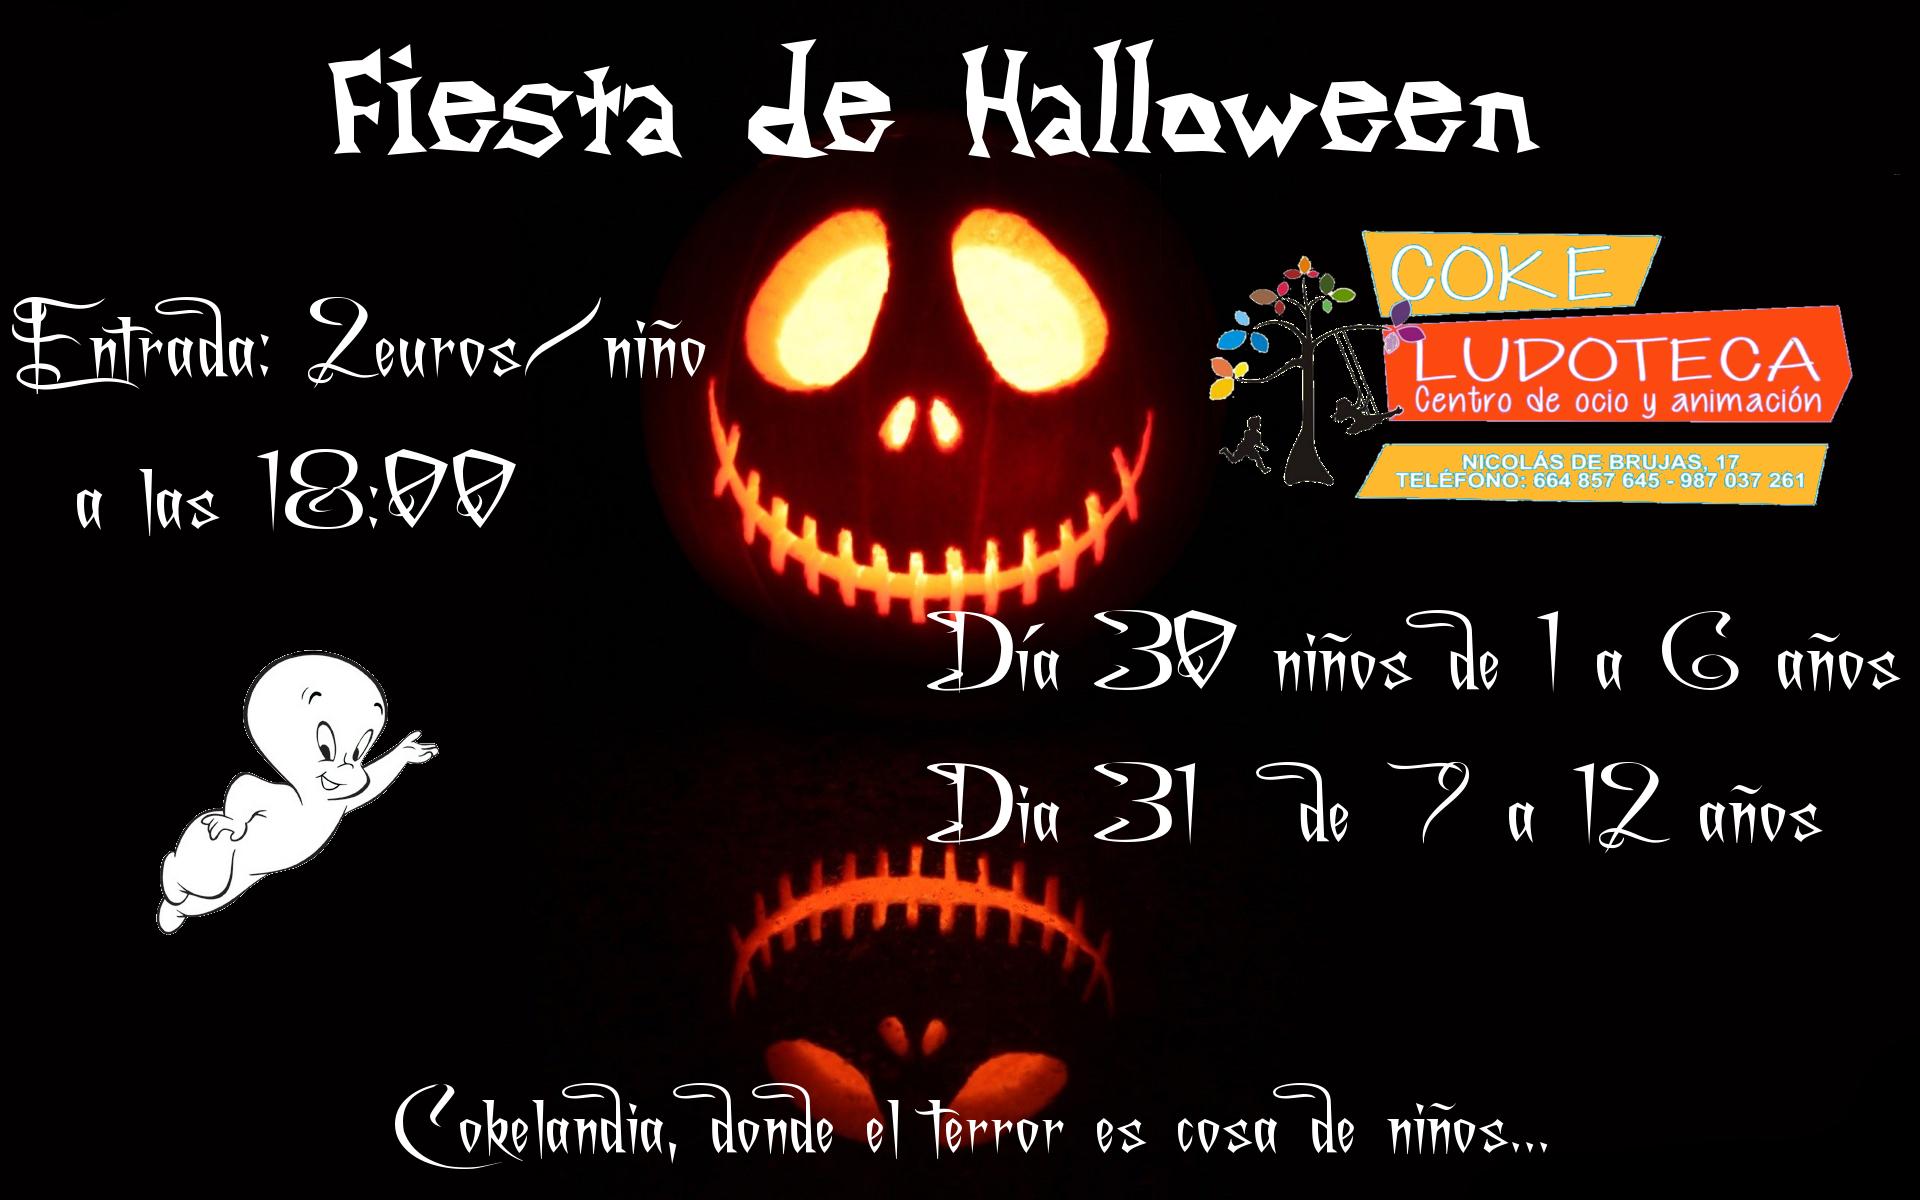 Fiesta Halloween 2017 en Ludoteka Coke